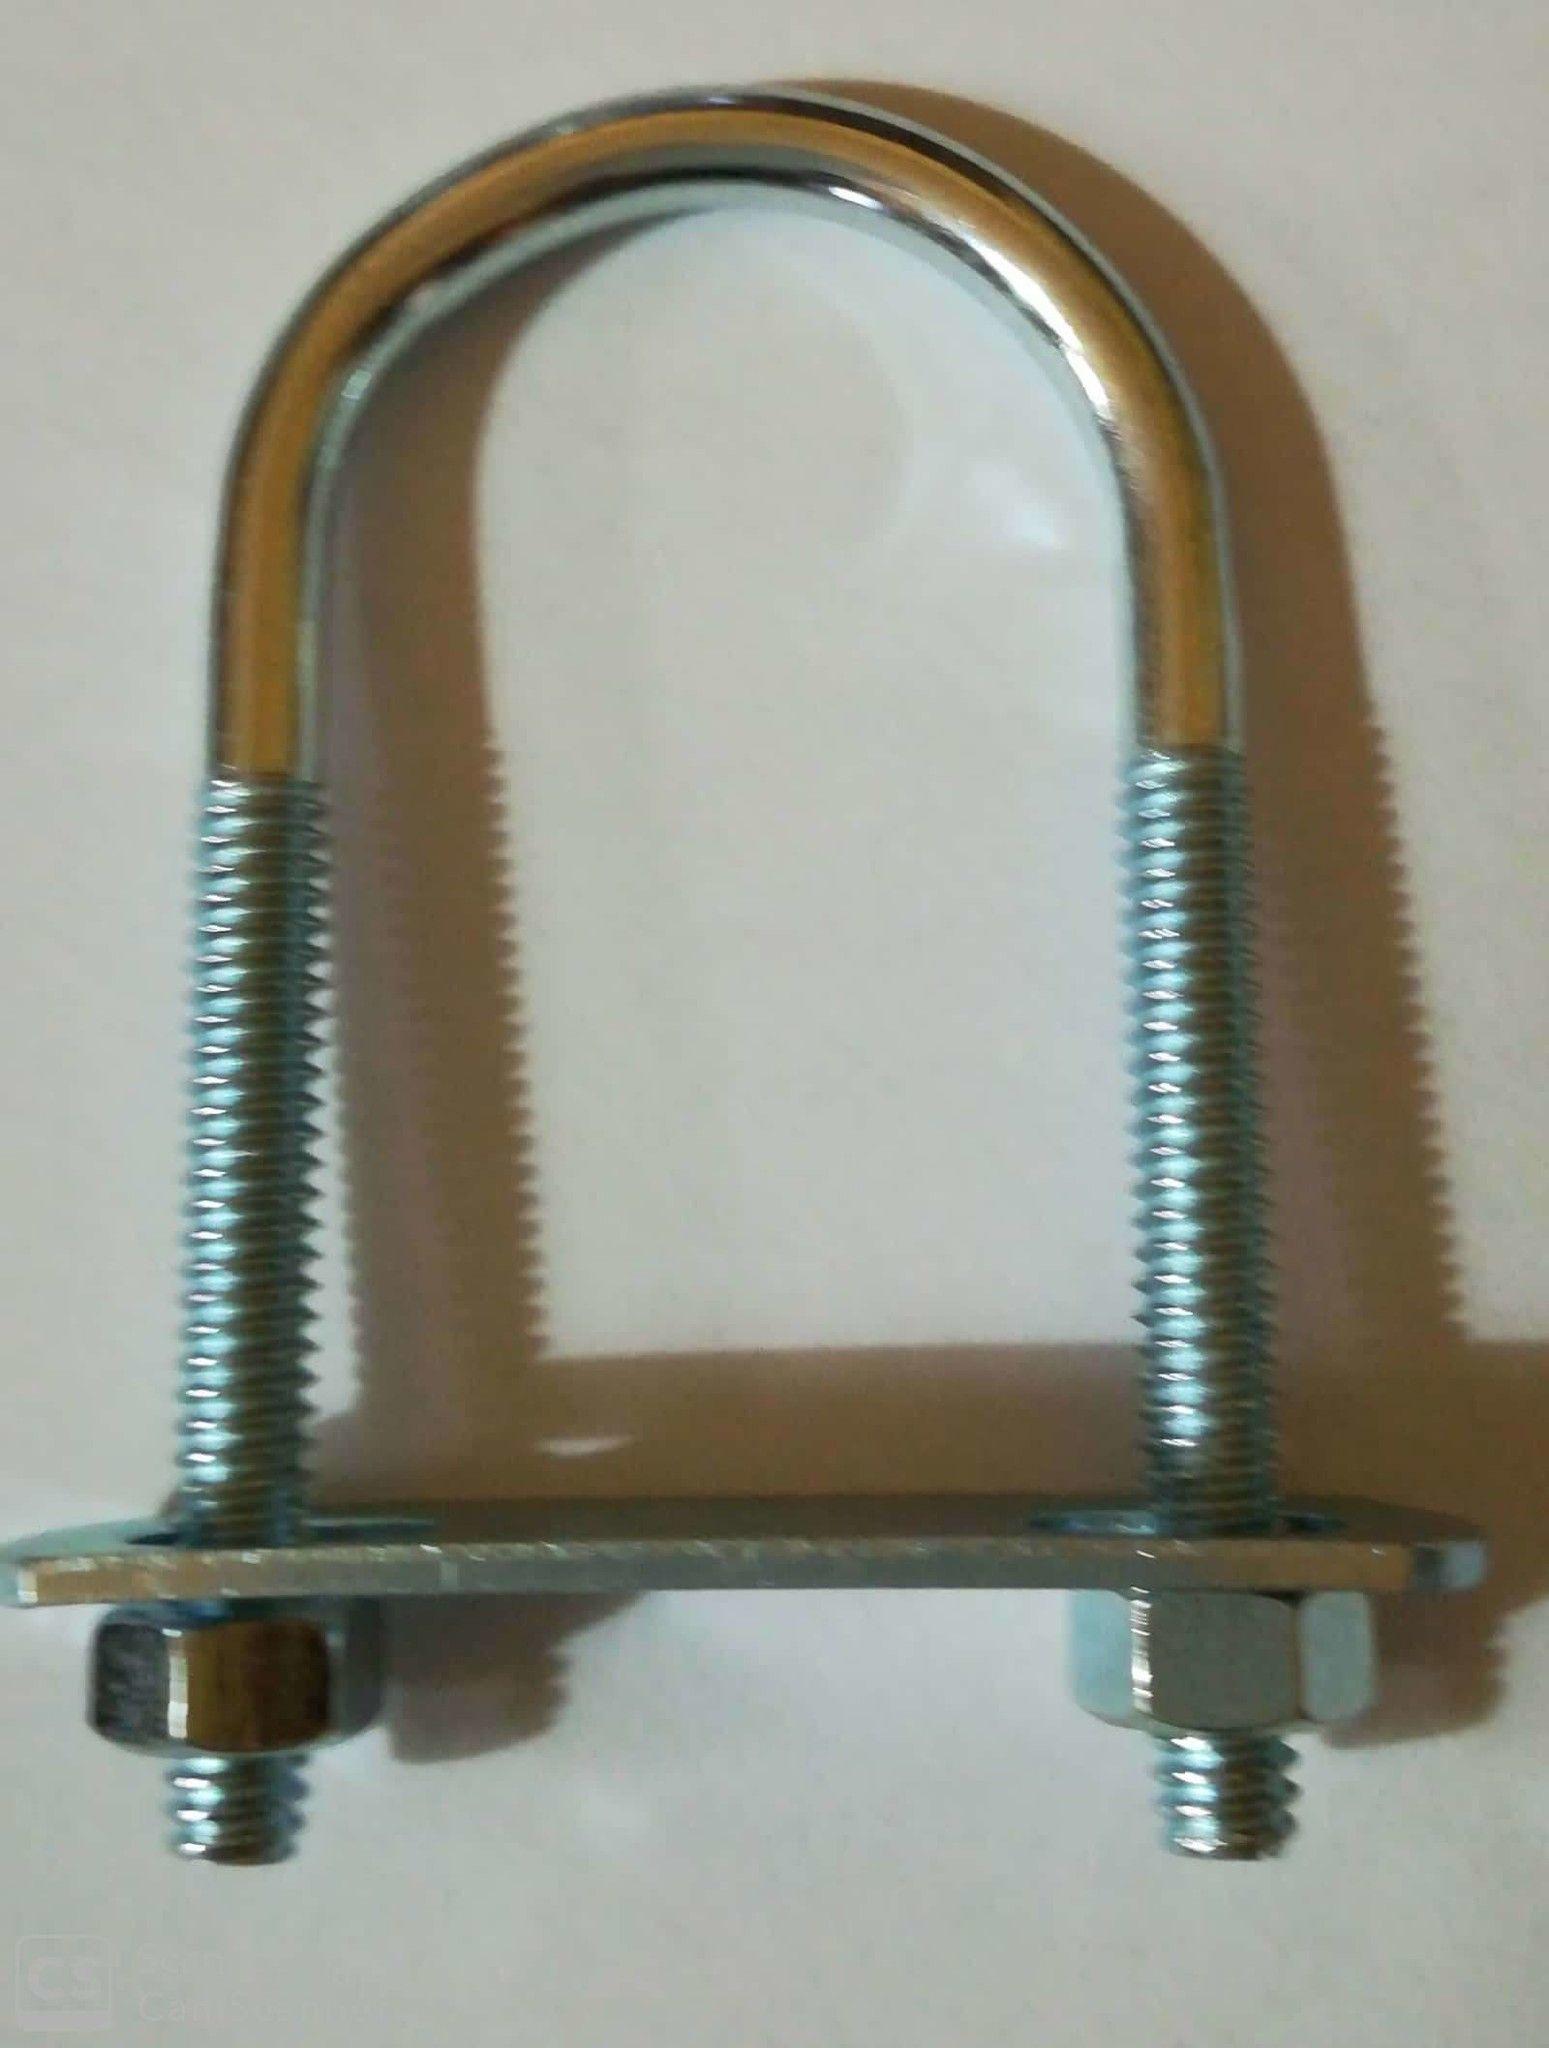 Cavallotto tondo mm 5,4 x 71 con piastra e dadi in ferro zincato